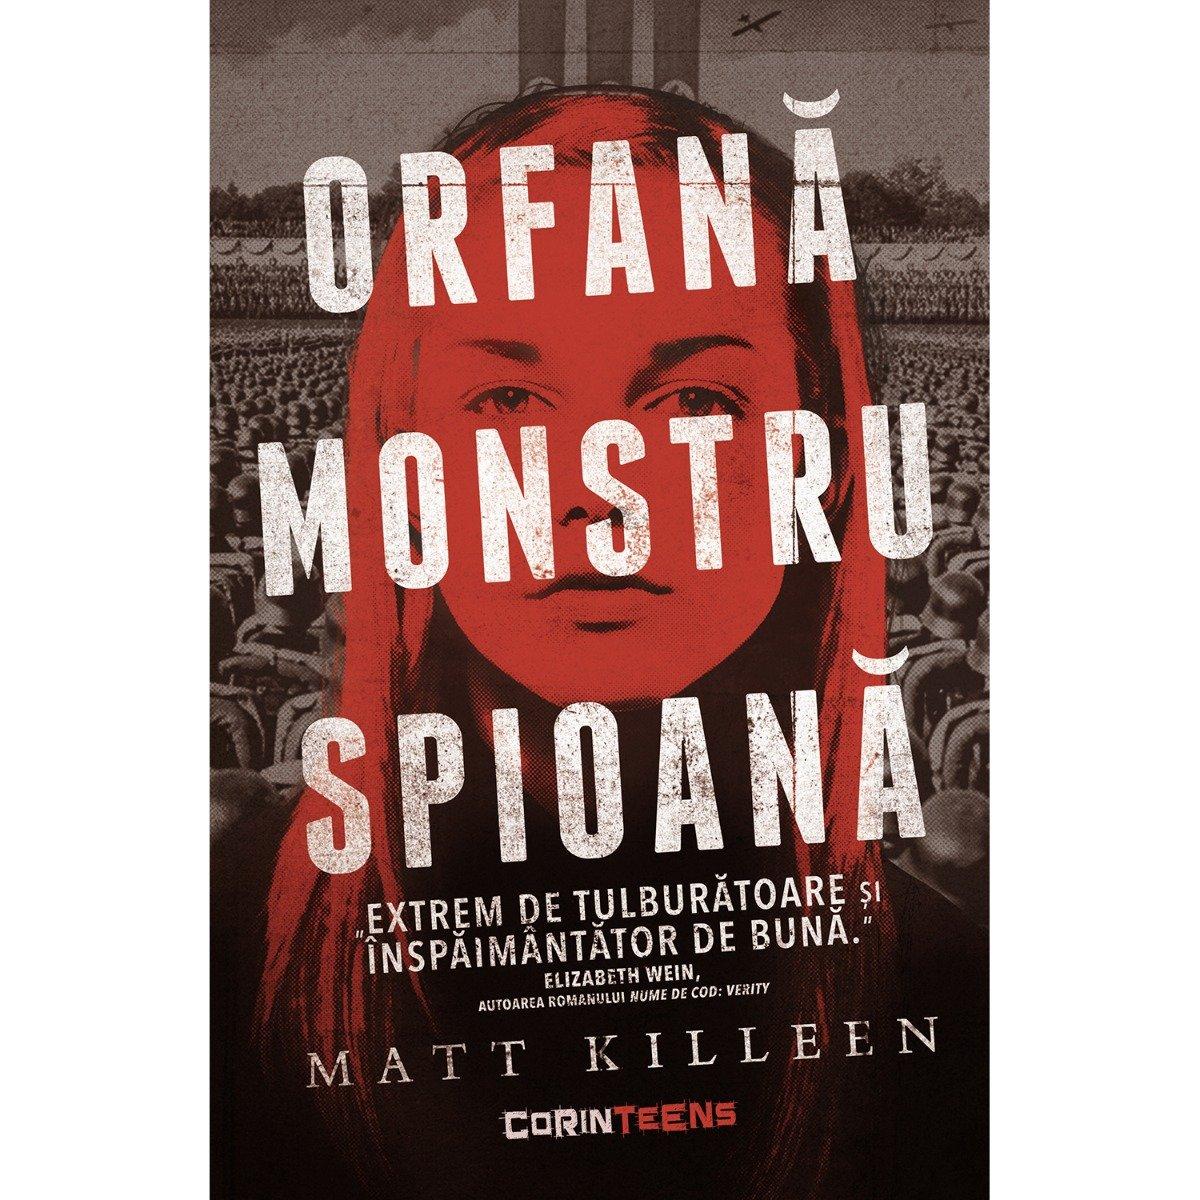 Orfana, monstru, spioana, Matt Killeen